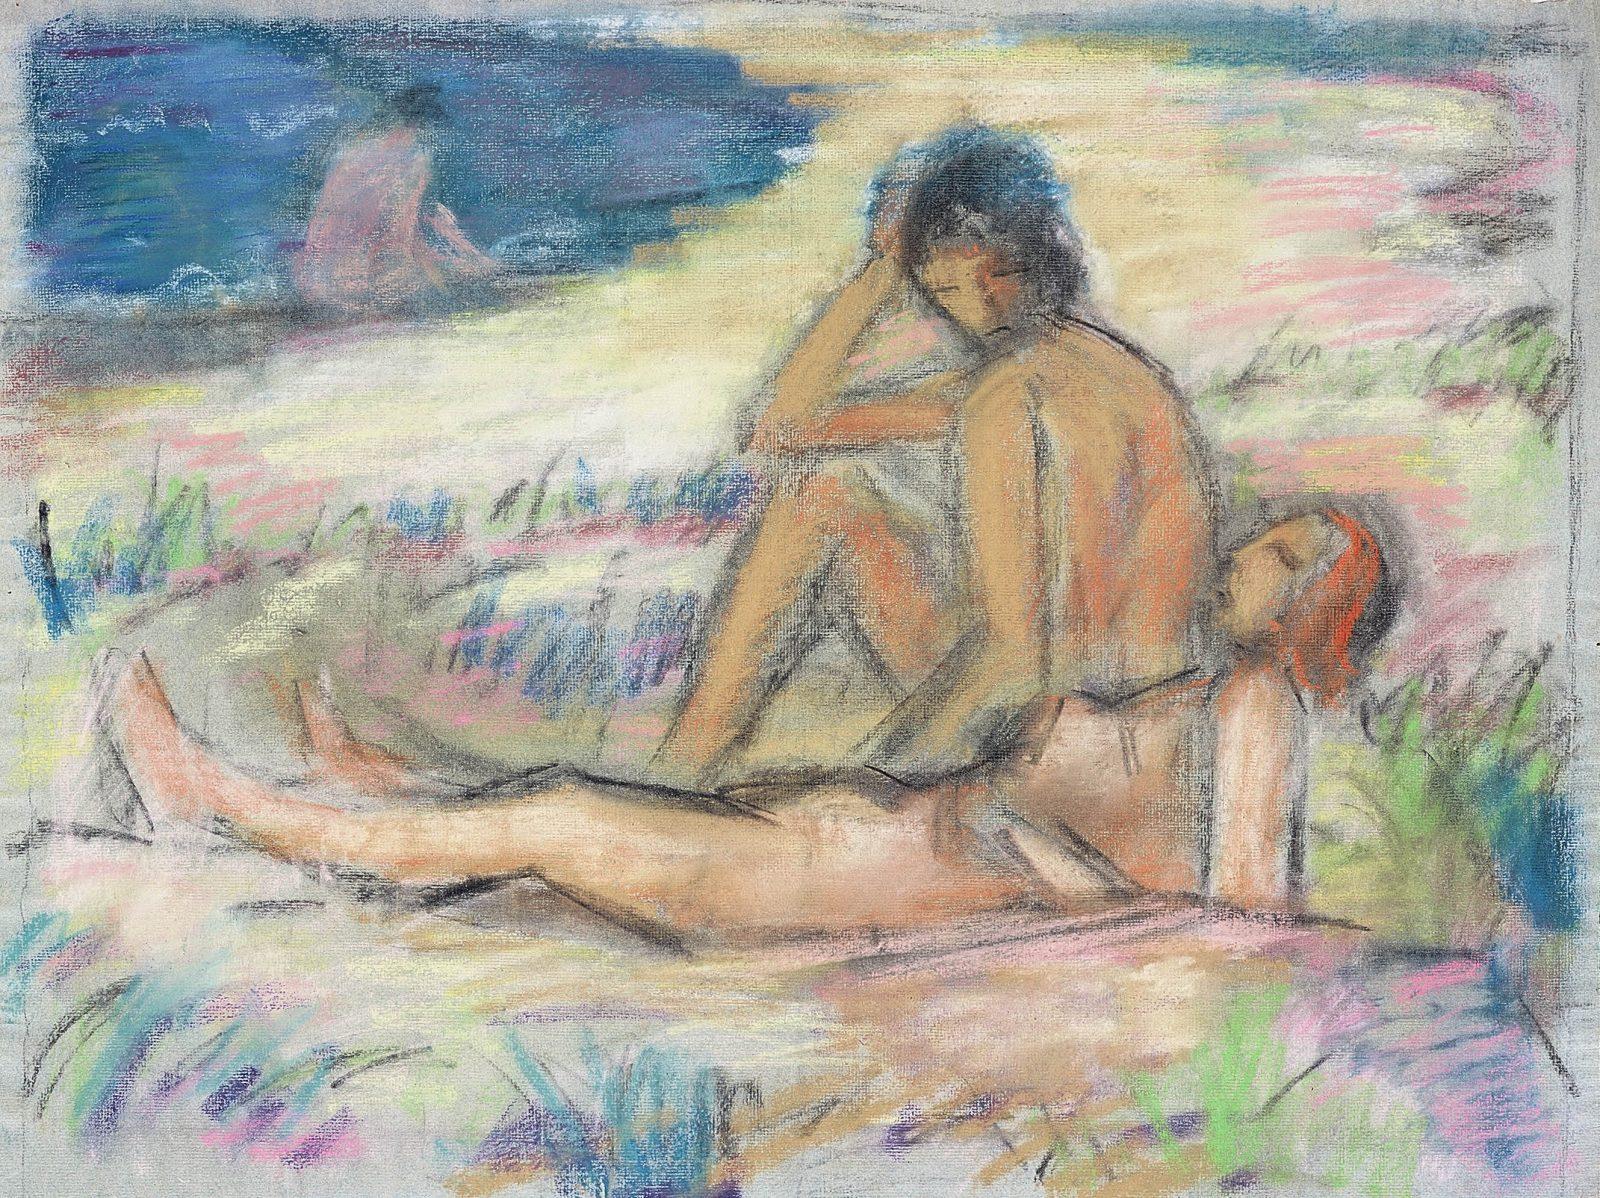 Paul Kother, Strandansicht mit sitzendem und liegendem Akt, Pastell, 46 61 cm